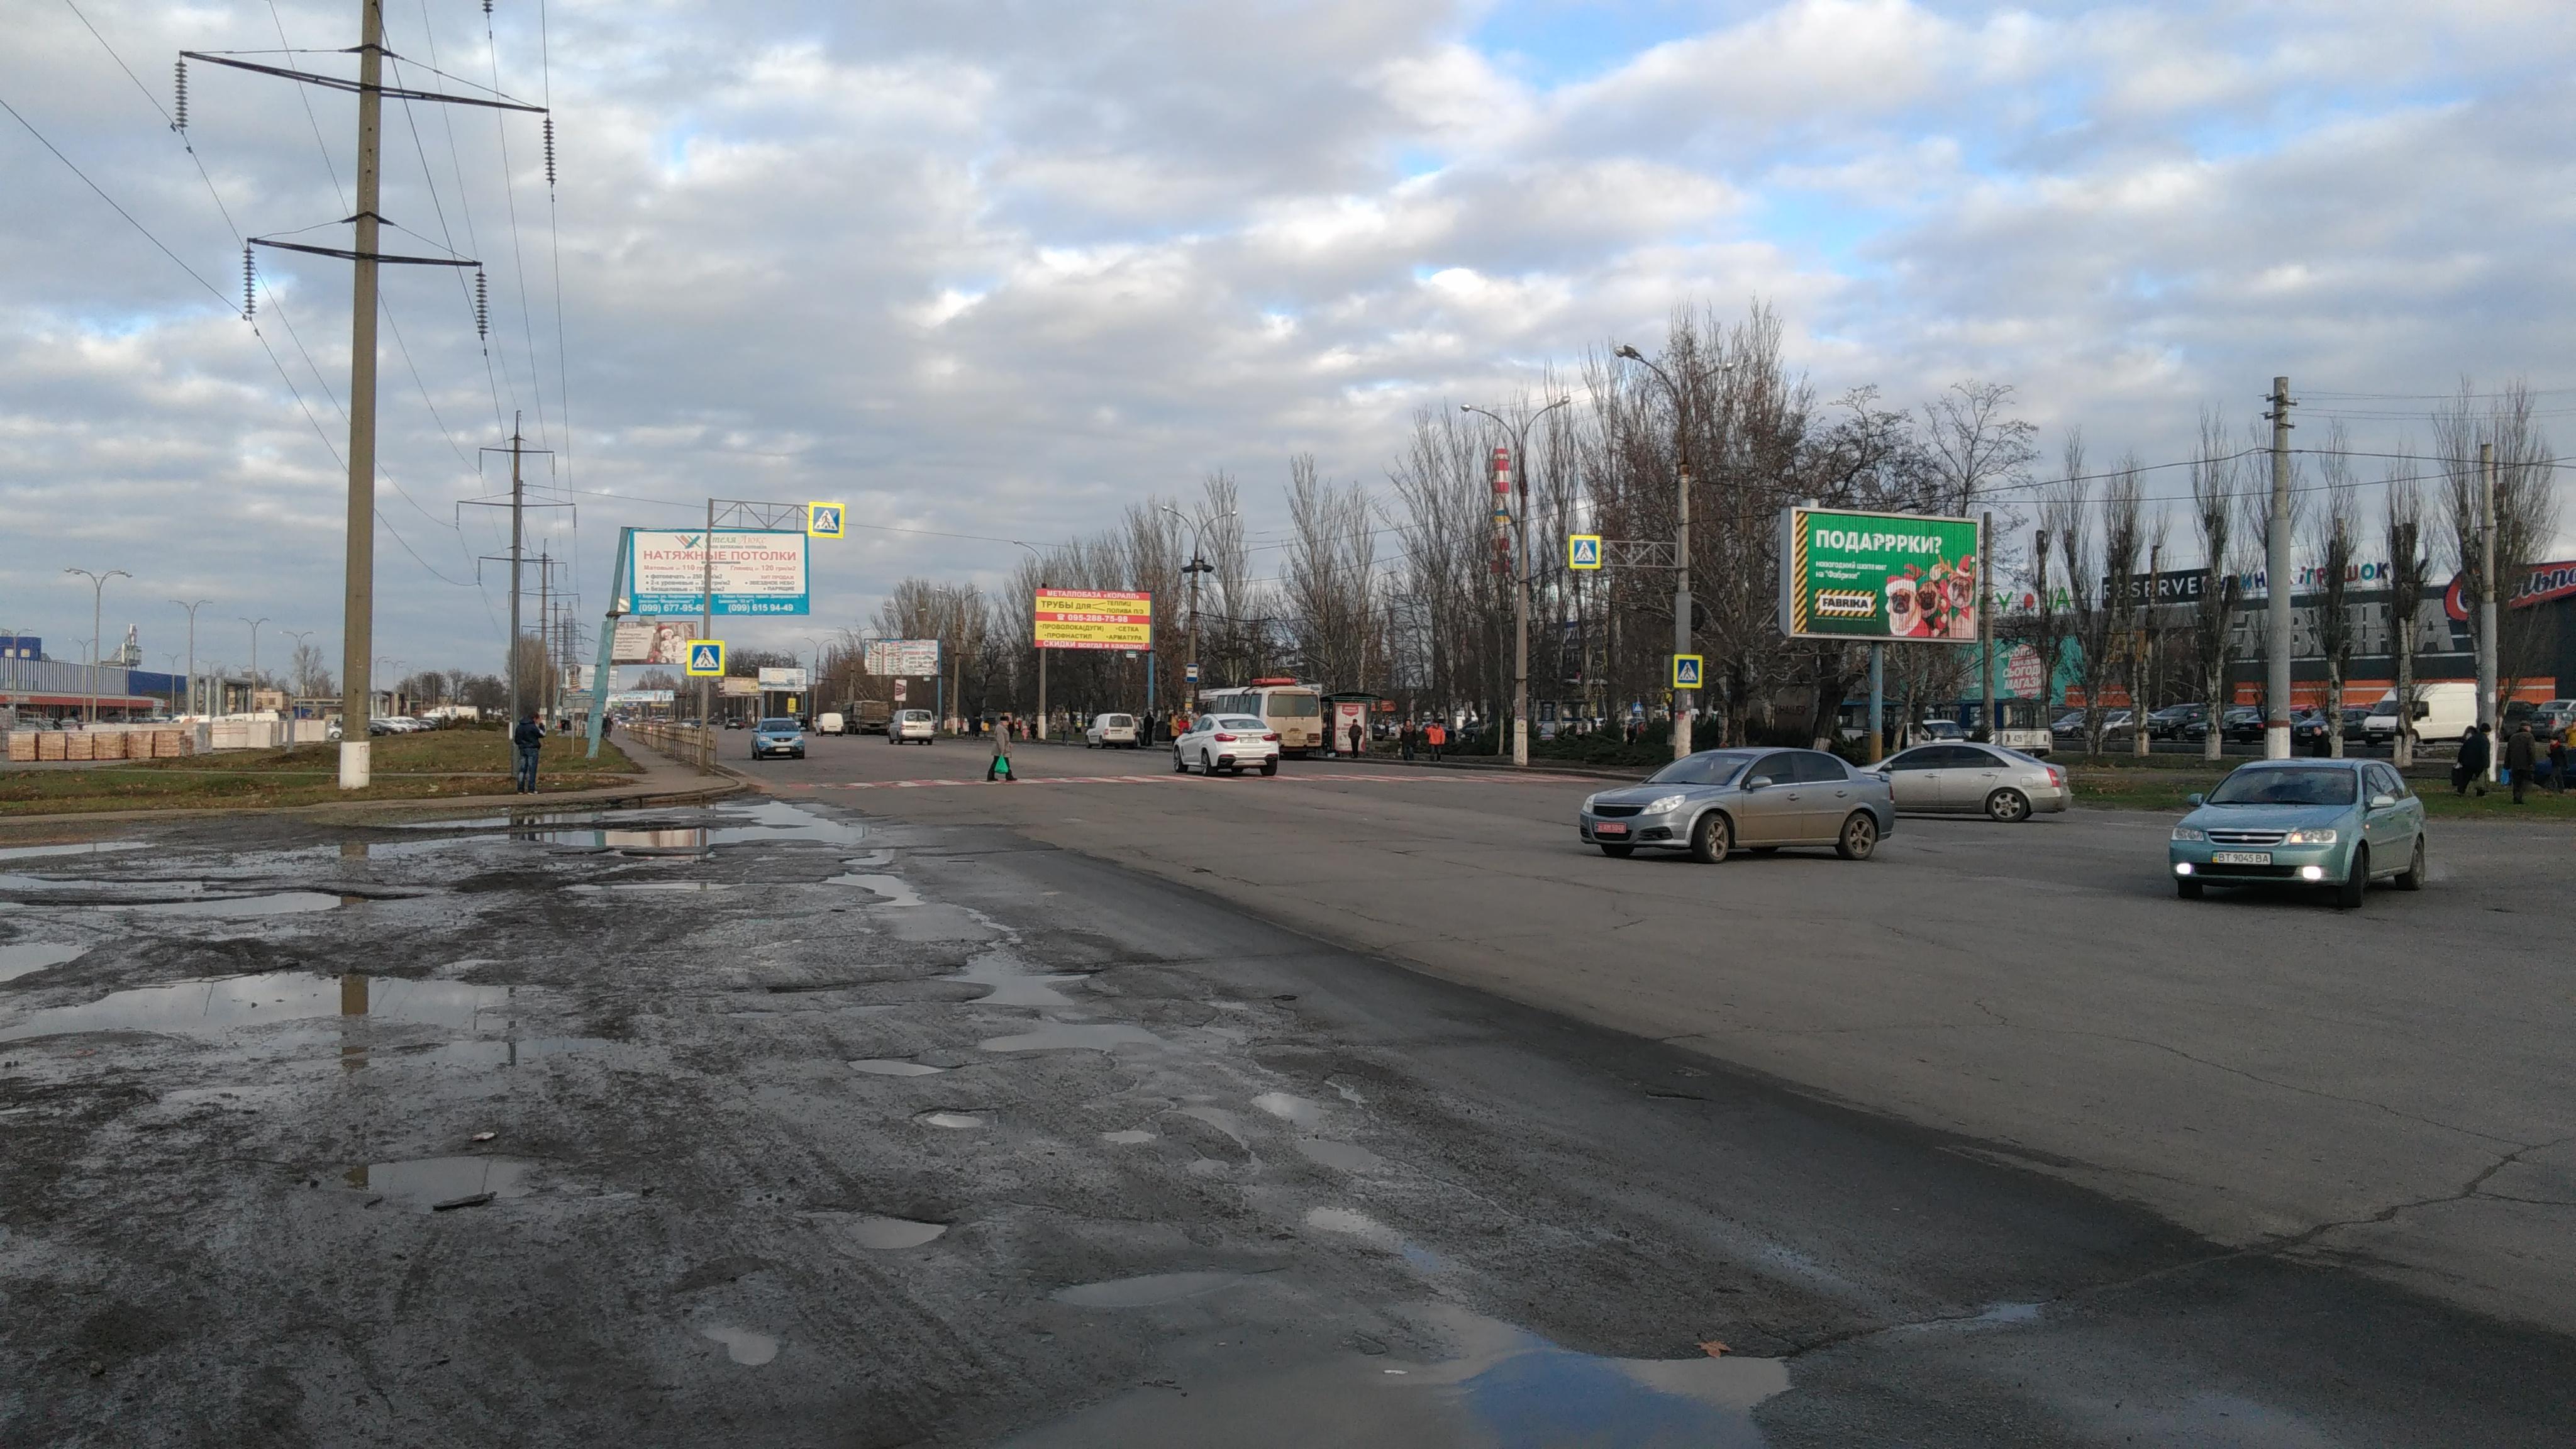 До установки светофора в Херсоне на перекрестке Залаэгерсег-Бериславское шоссе осталось шесть дней